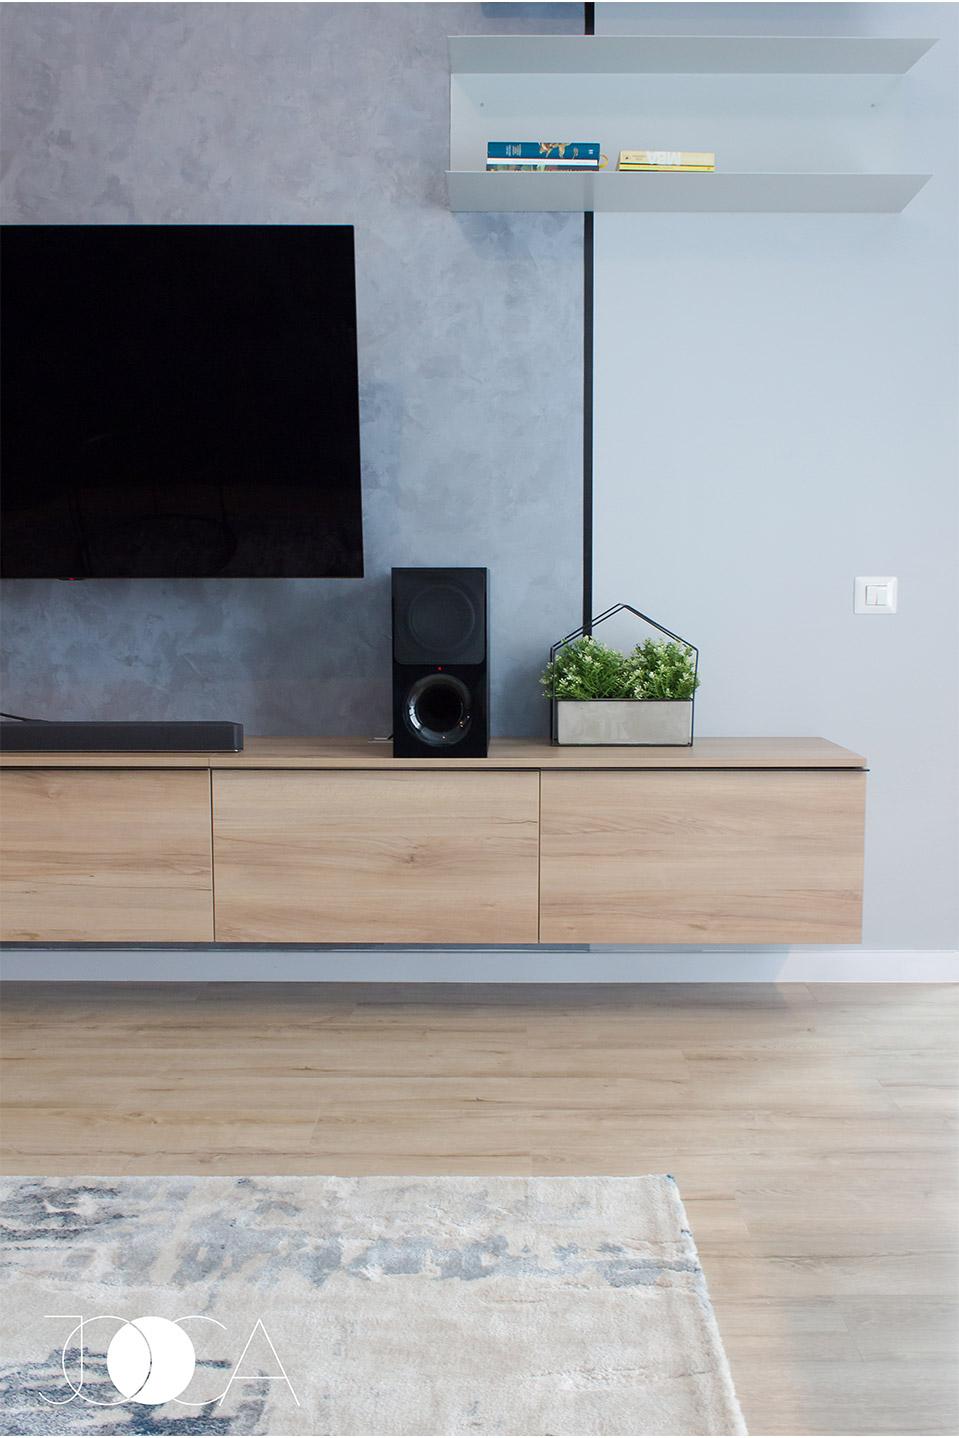 Comoda este din pal si este suspendata in perete. Peretele cu tv-ul este inpartit in 2 prin folosirea a 2 tipuri de vopsea.